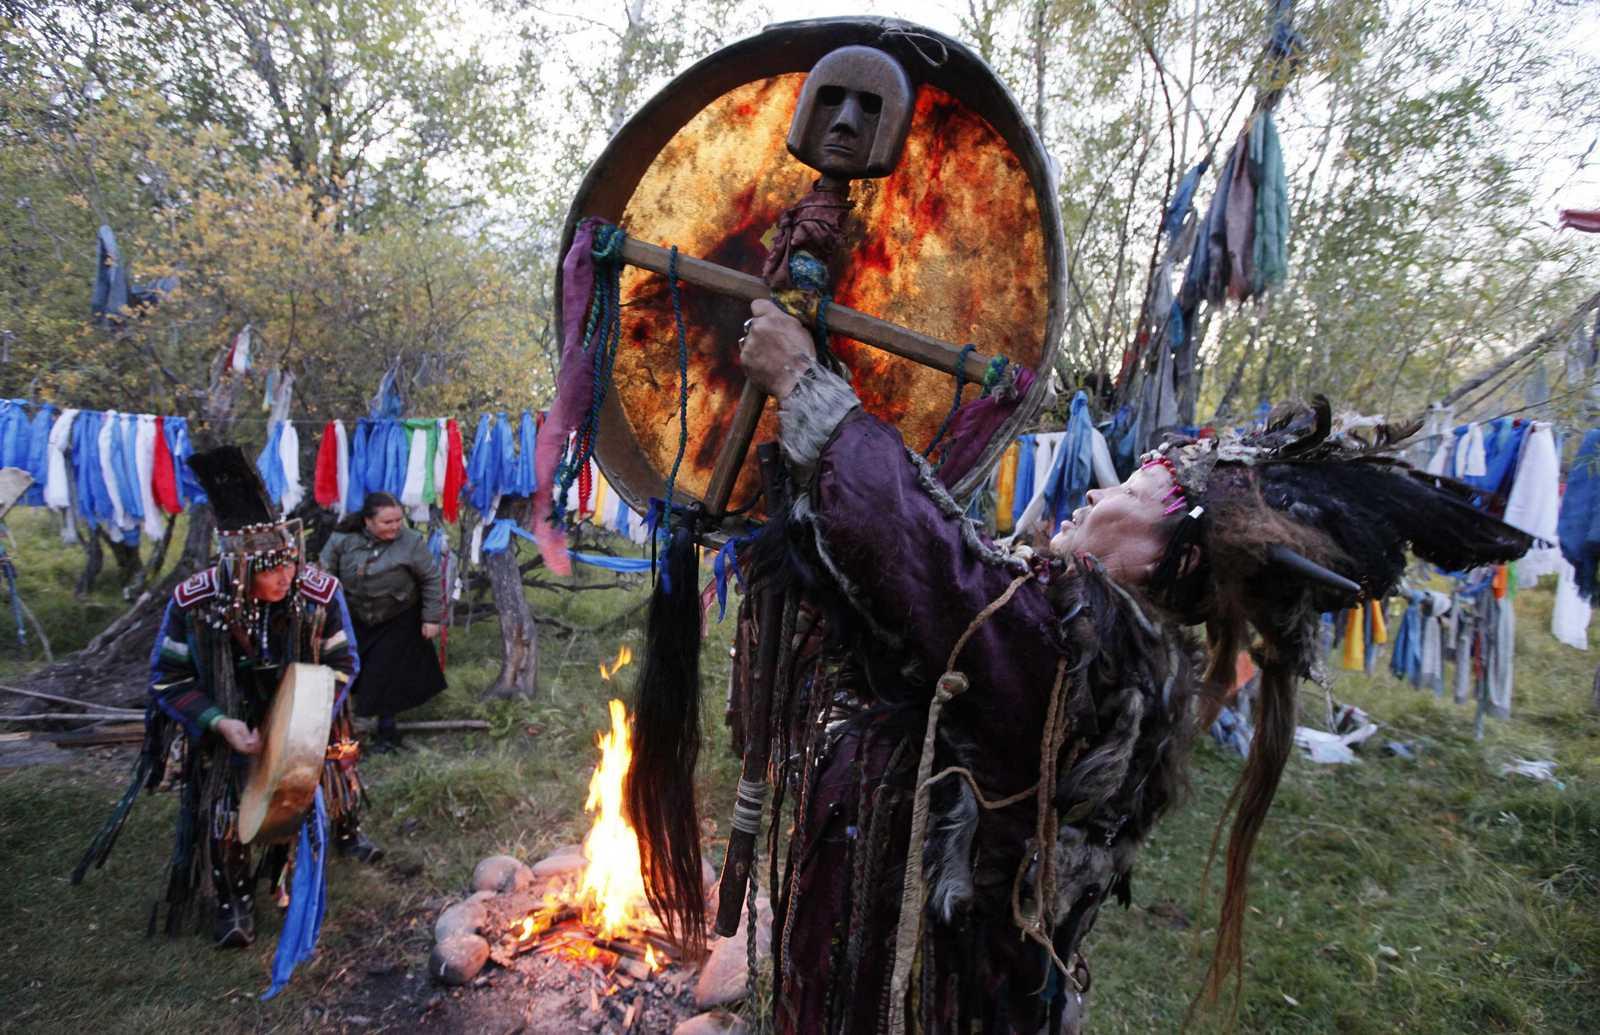 Изготовление бубна своими руками. шаманские ритуалы и атрибуты — шаманизм как религия. для изготовления понадобится